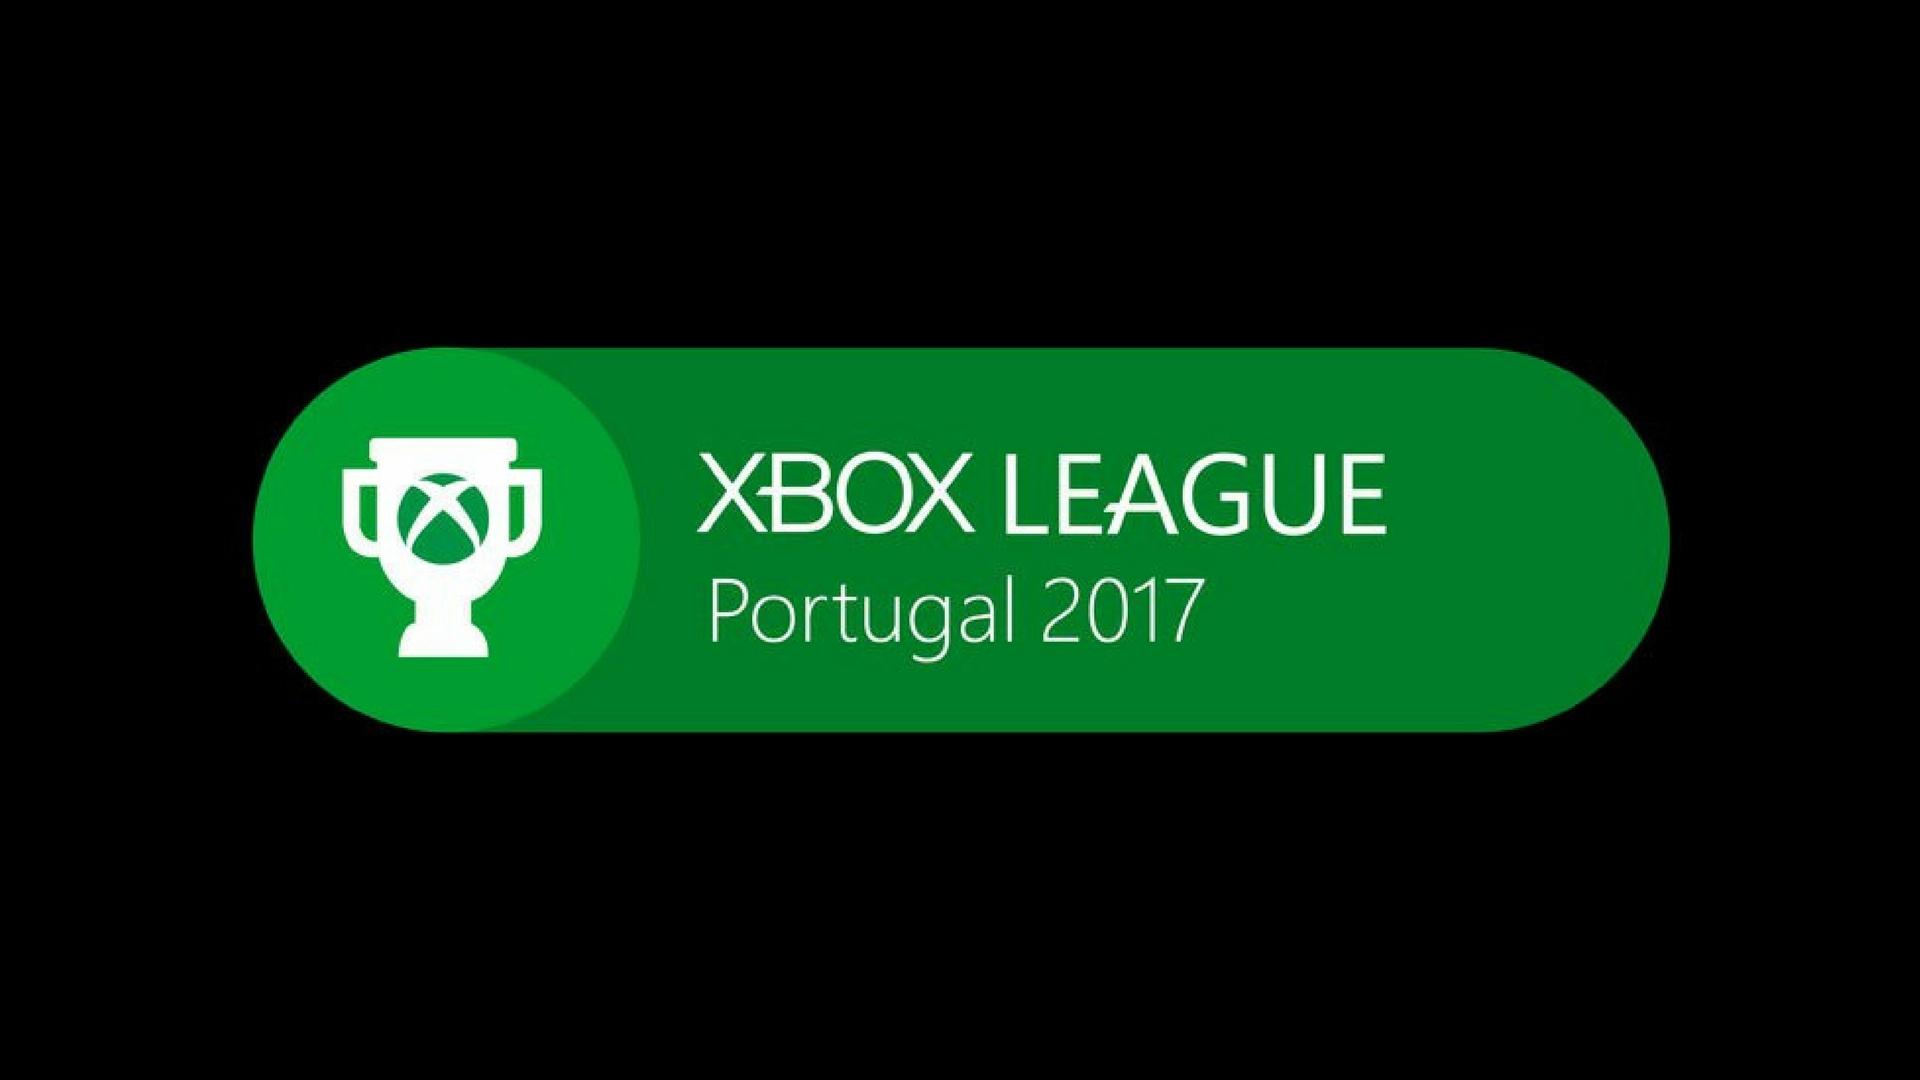 Microsoft anuncia a Xbox League Portugal com torneios mensais